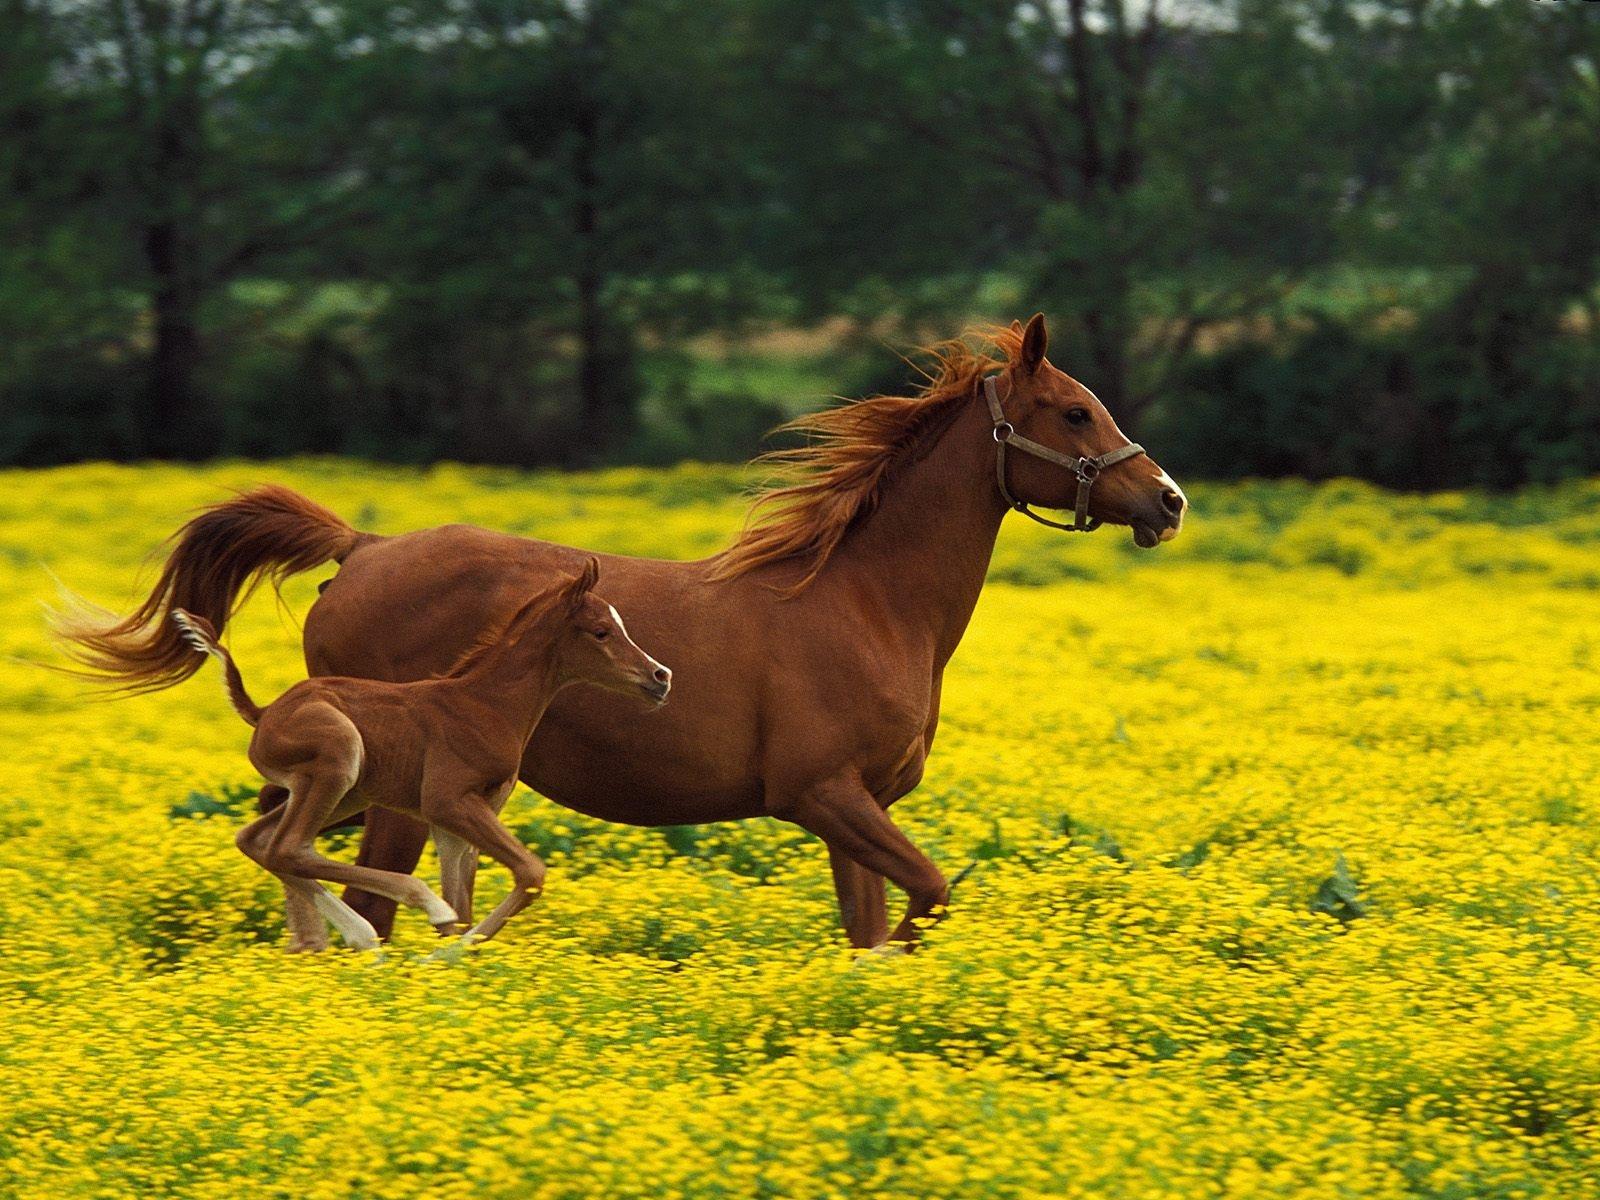 http://3.bp.blogspot.com/_XF_J0xP6x-w/TU8_2dsJB1I/AAAAAAAAA1o/GD3_yy42-vQ/s1600/fondos-escritorio-caballos-1600.jpg